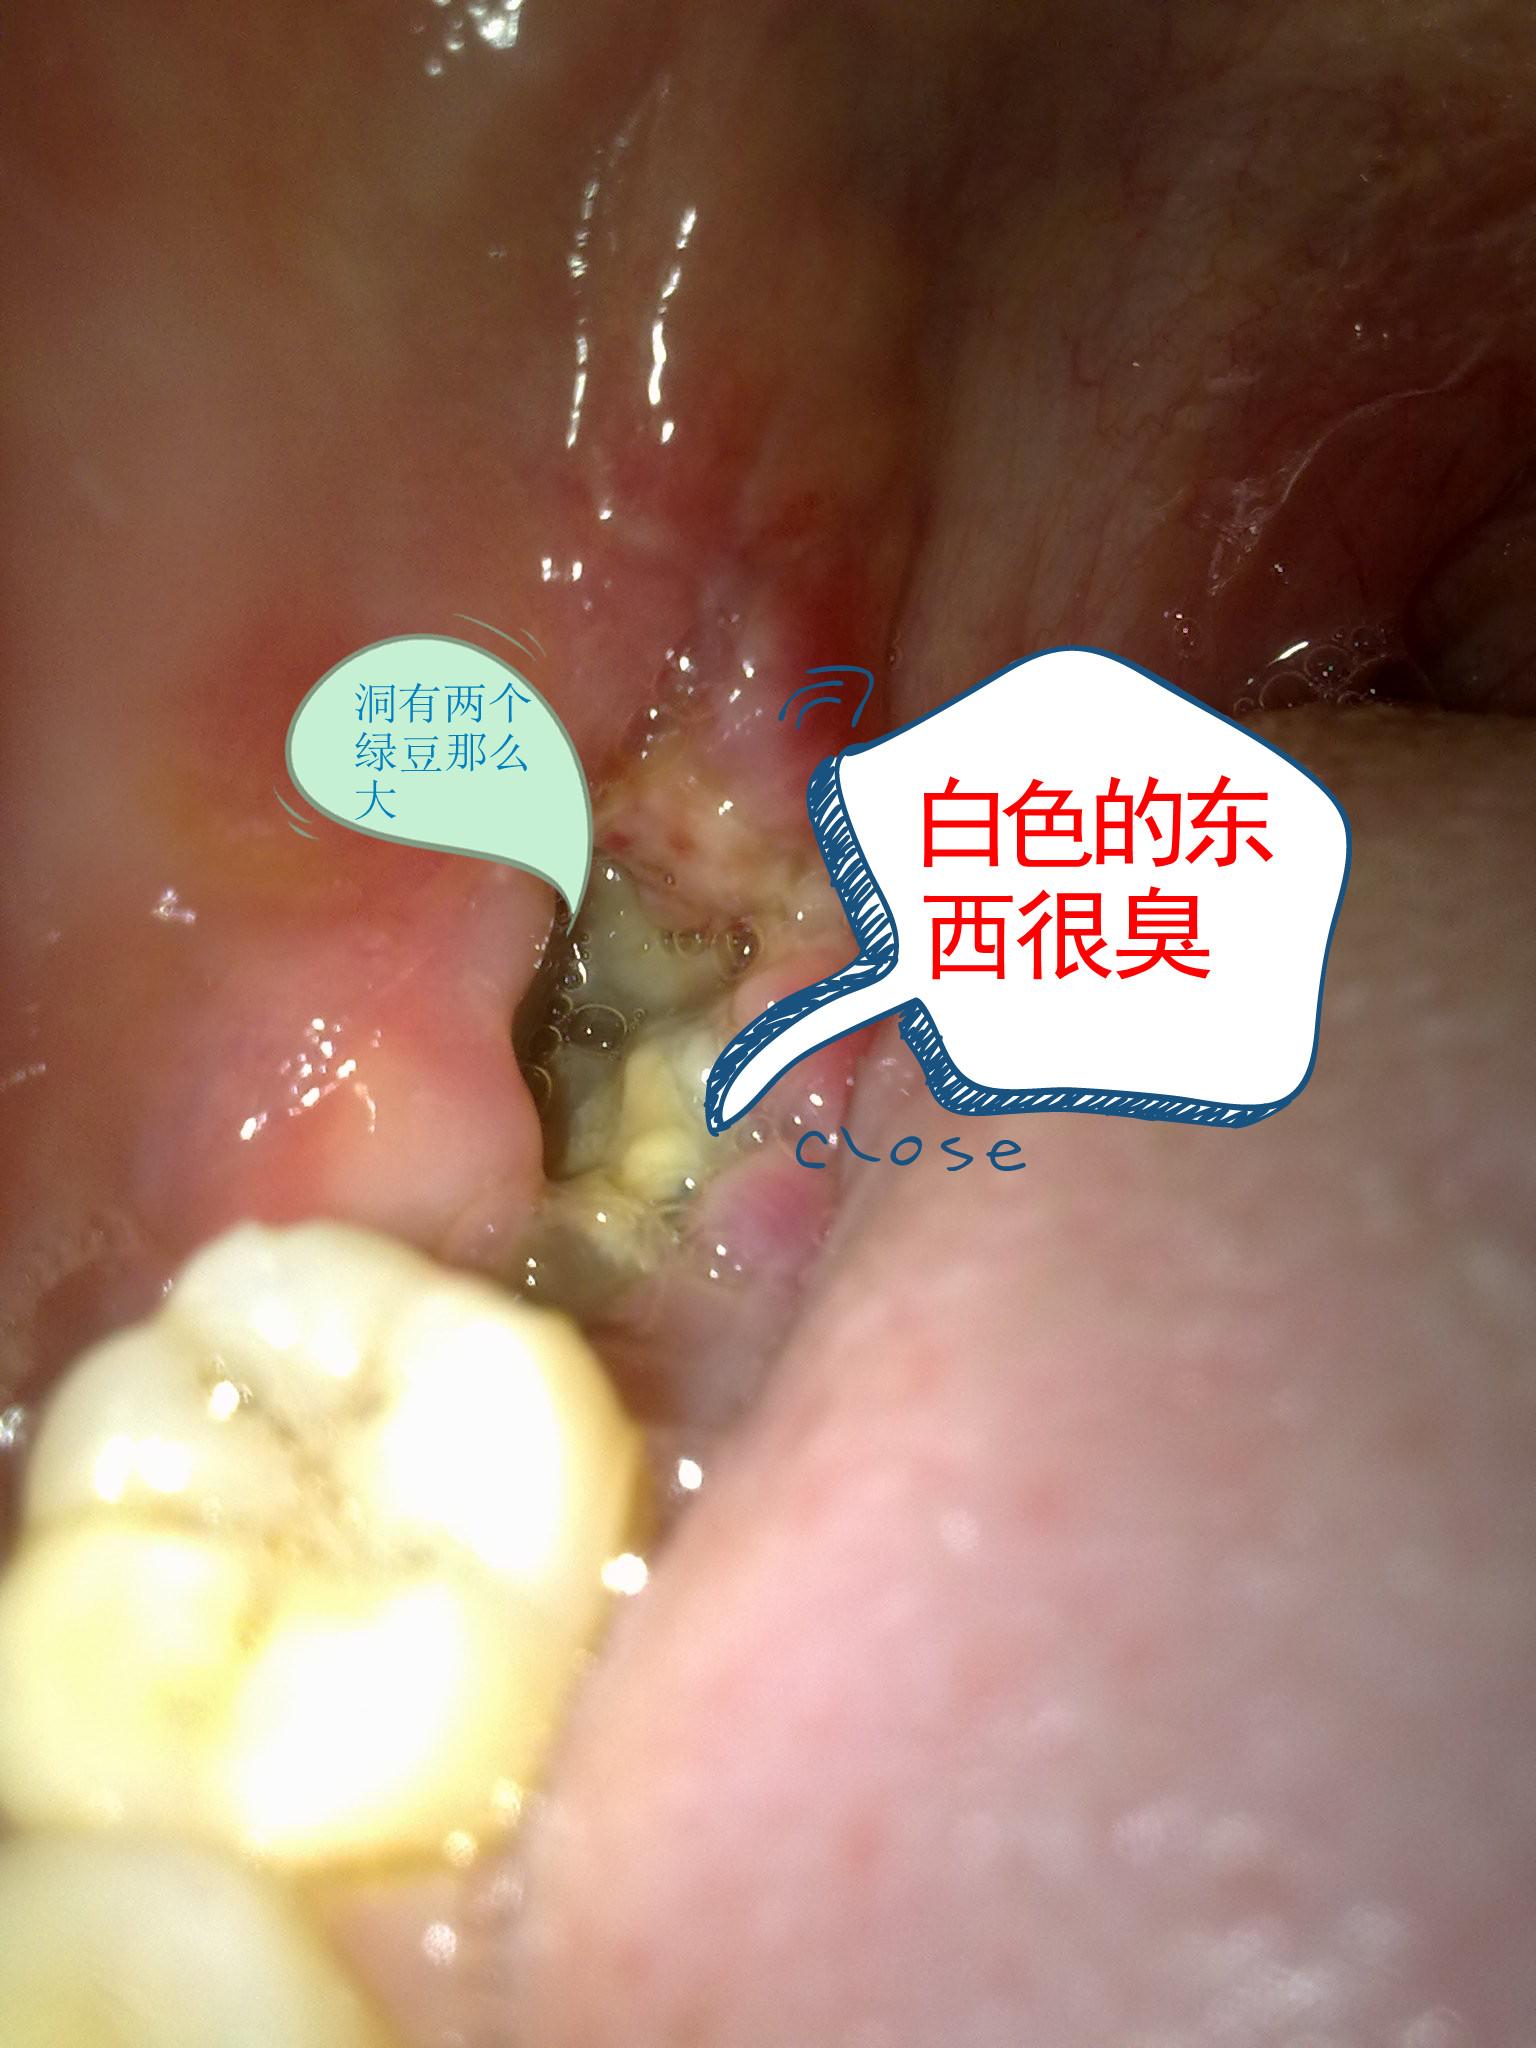 智齿图片大全_拔出智齿和一颗大牙后一直有白色的棉絮状东西在表面并且拆线 ...